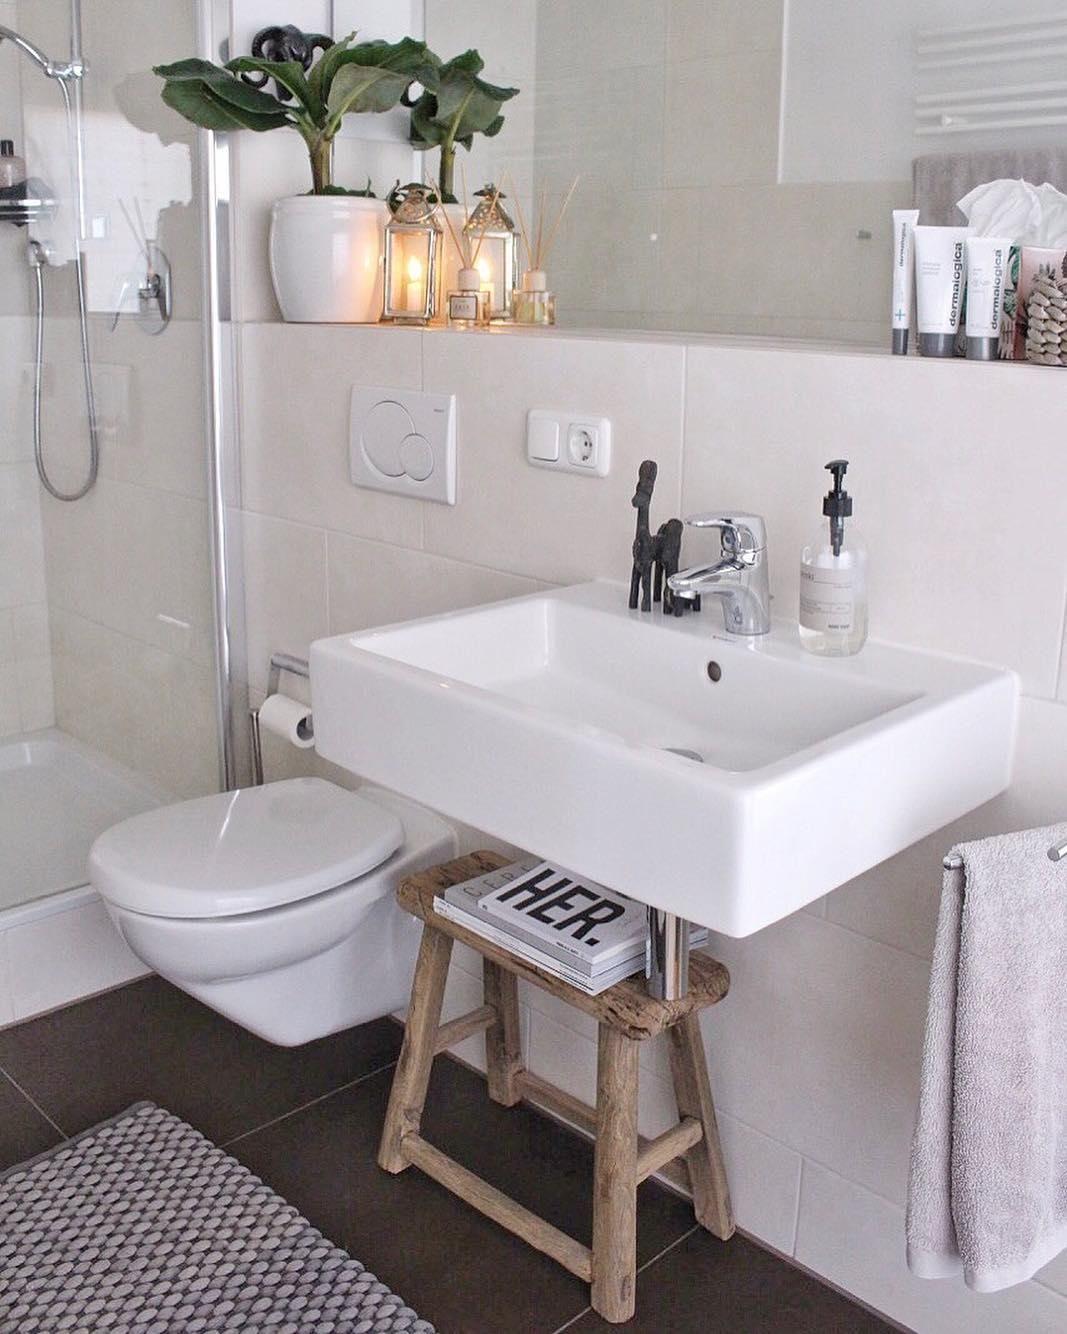 Pin Von Lea Segieth Auf Wohnung Badezimmer Ablage Bad Einrichten Badezimmer Holz